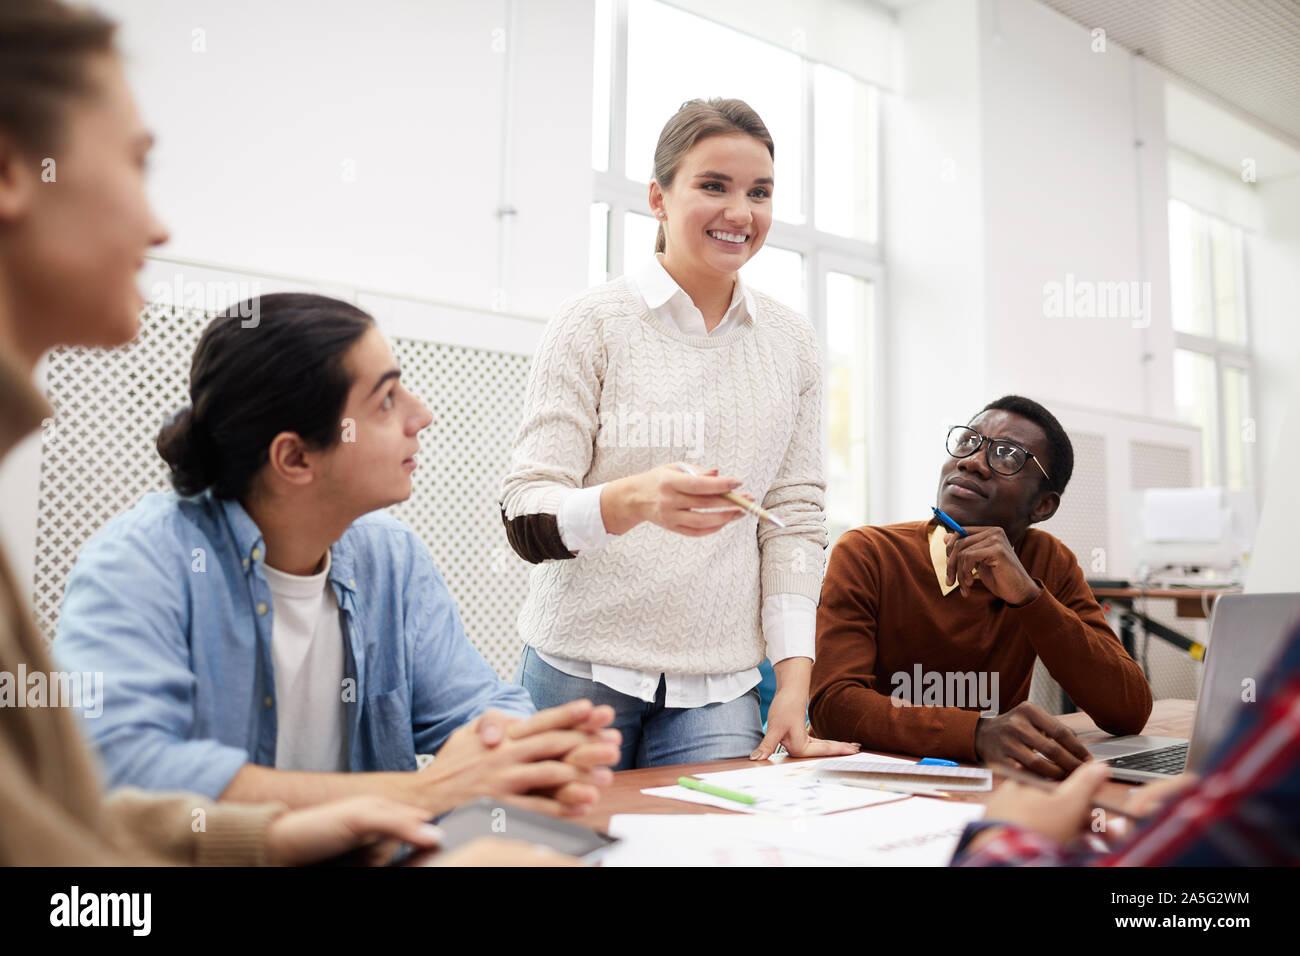 Grupo multiétnico de estudiantes que trabajan juntos en equipo de proyecto mientras estudiaba en la universidad, se centran en la partida chica sonriente reunión Foto de stock